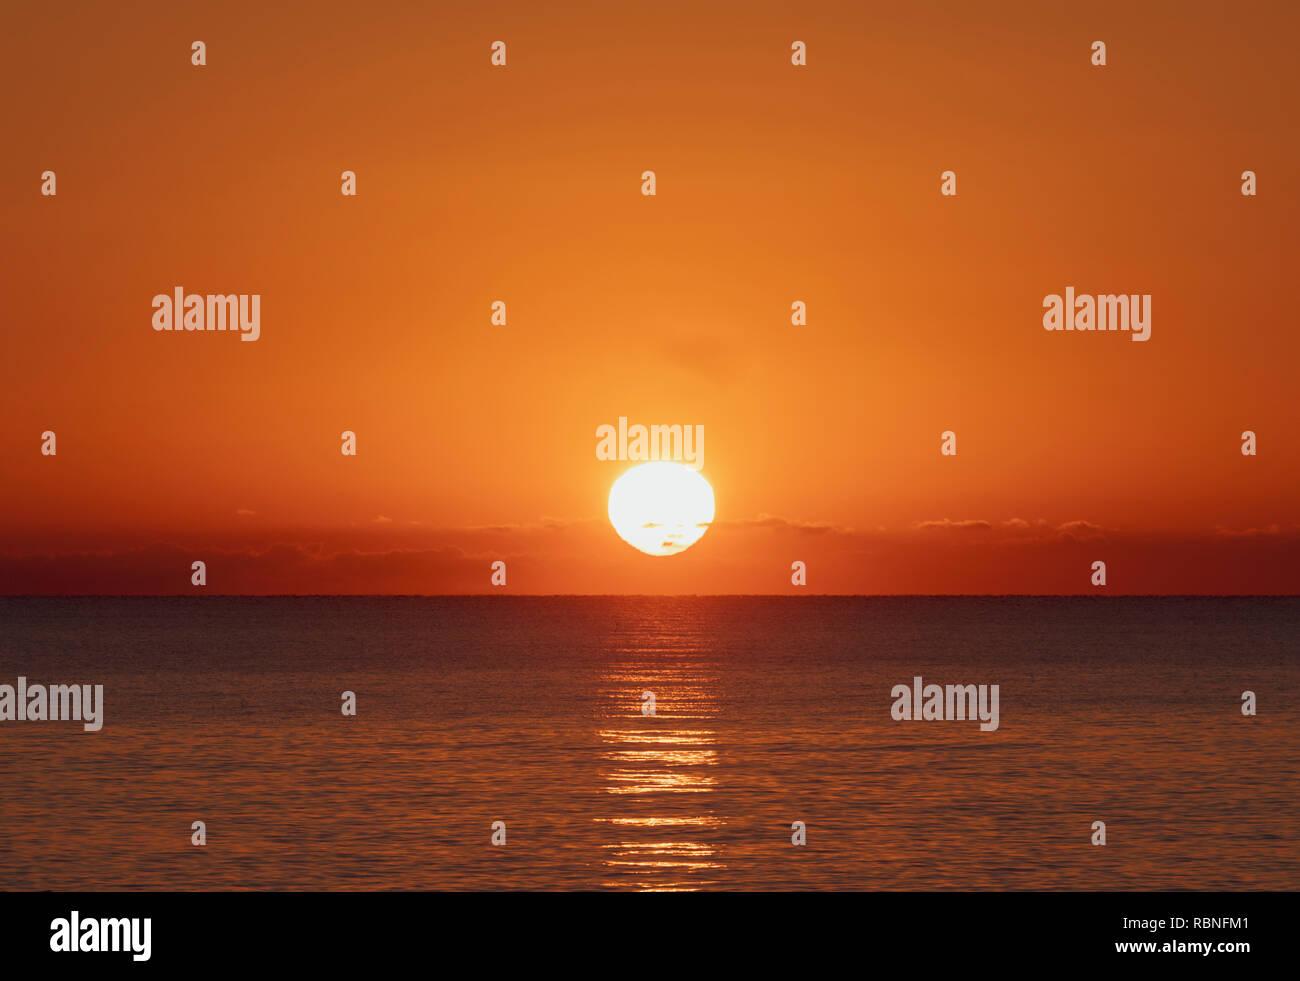 Sunrise over the sea. - Stock Image